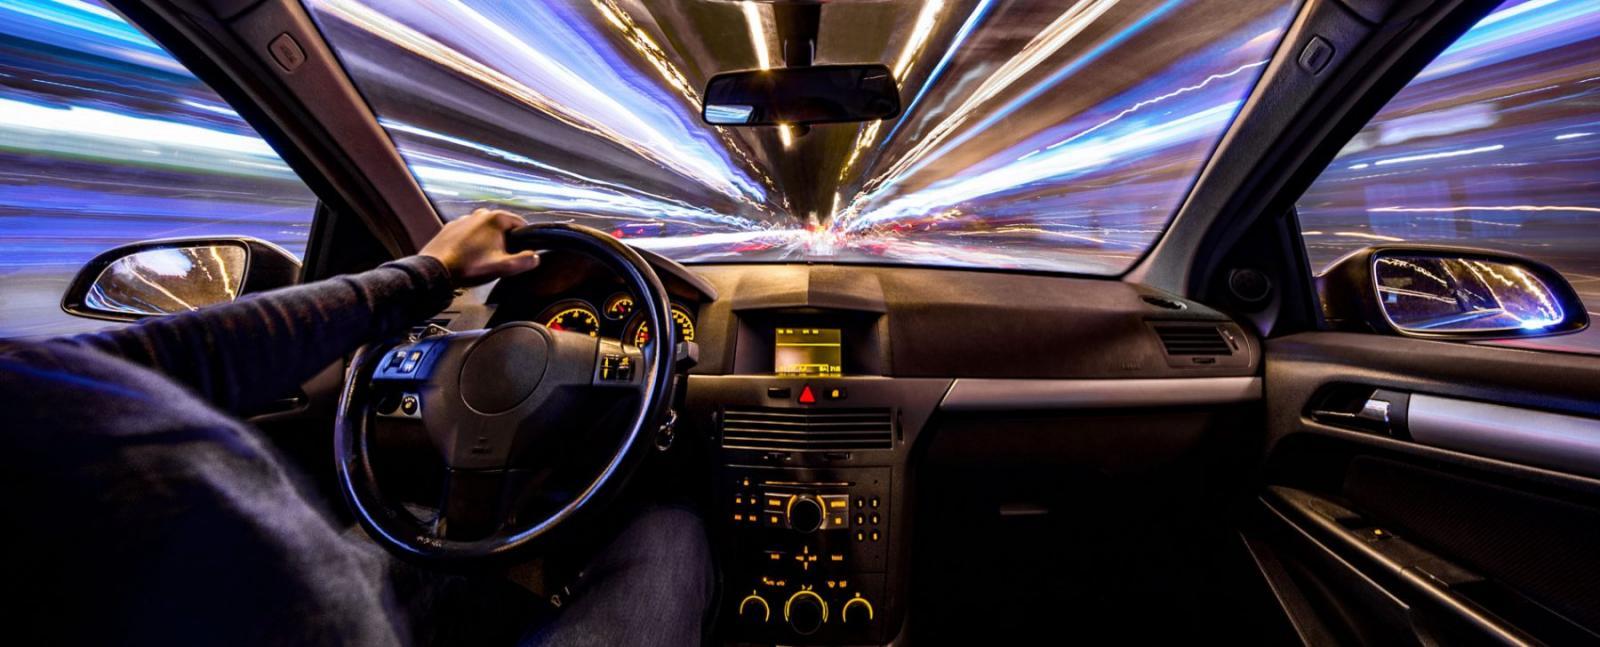 Efecto túnel ¿Qué es y cómo afecta la conducción?